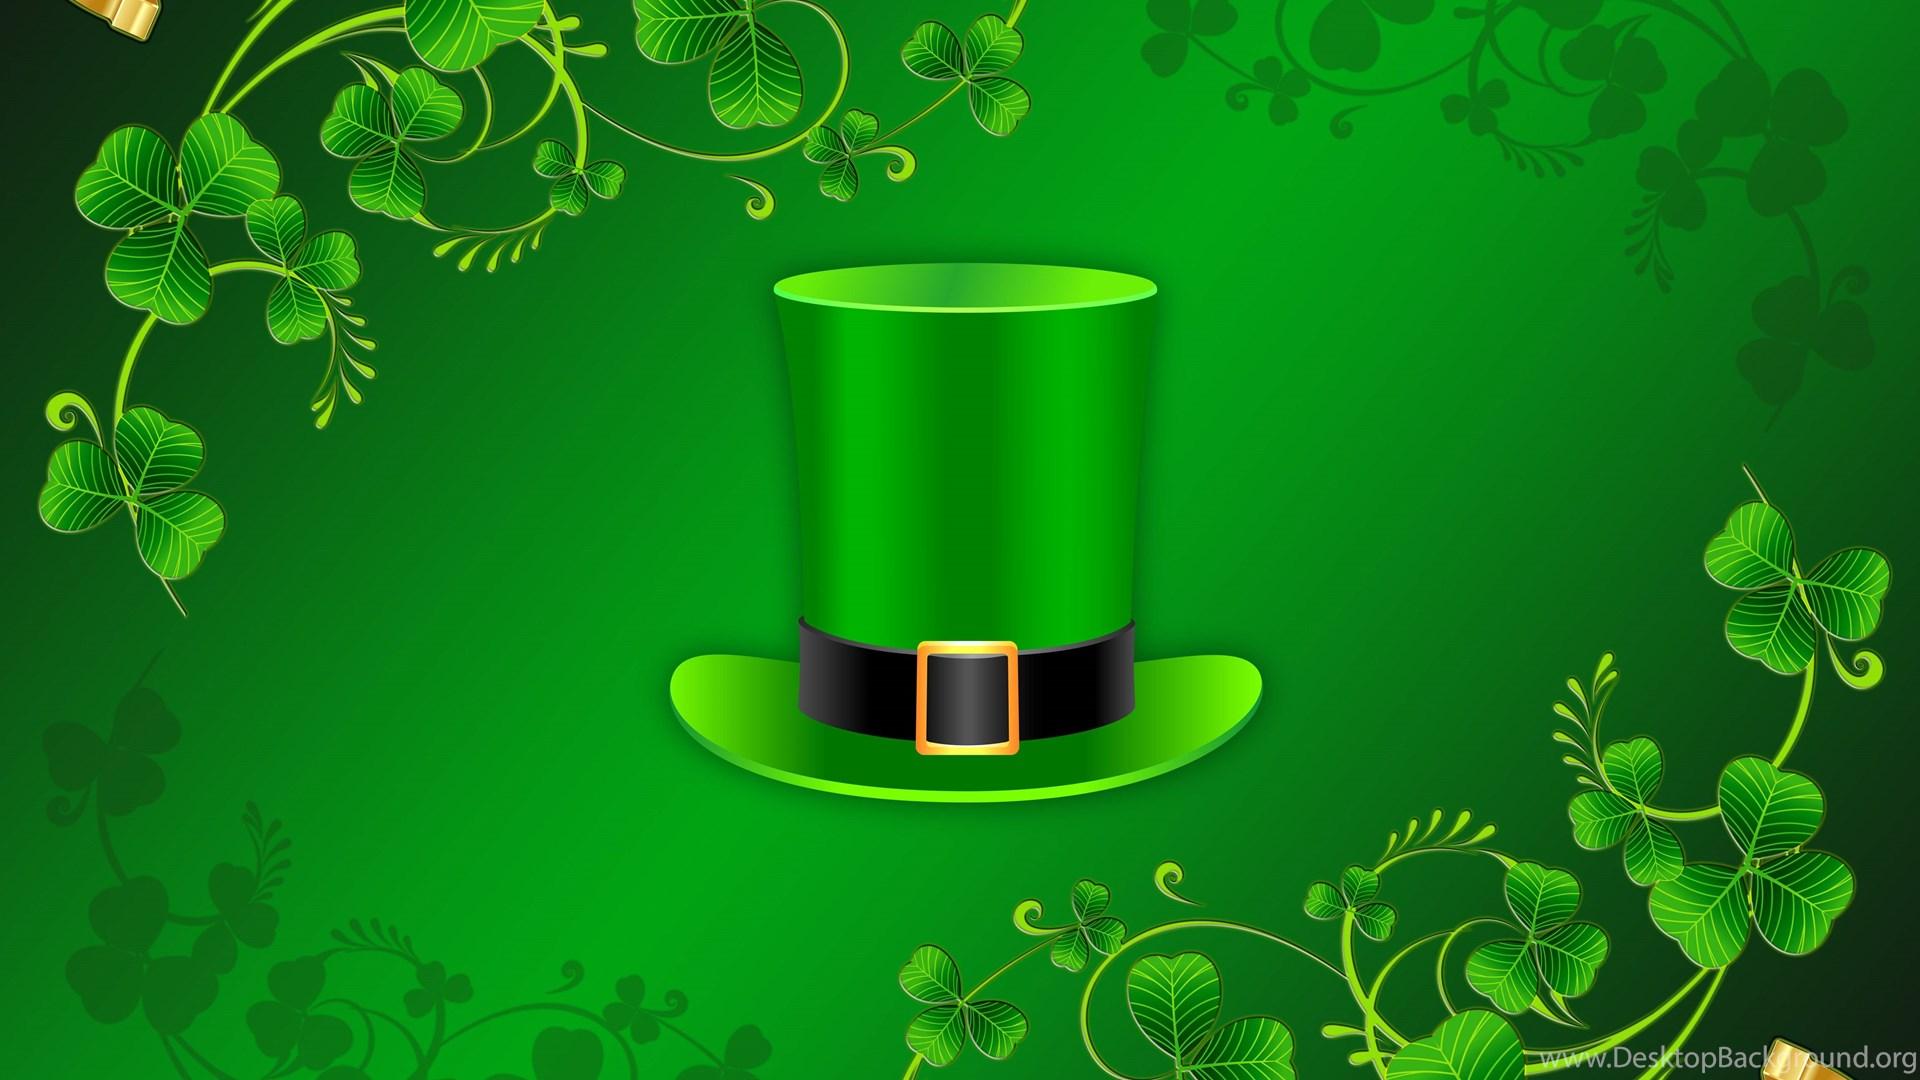 St Patrick's Day Bing Images Desktop Background